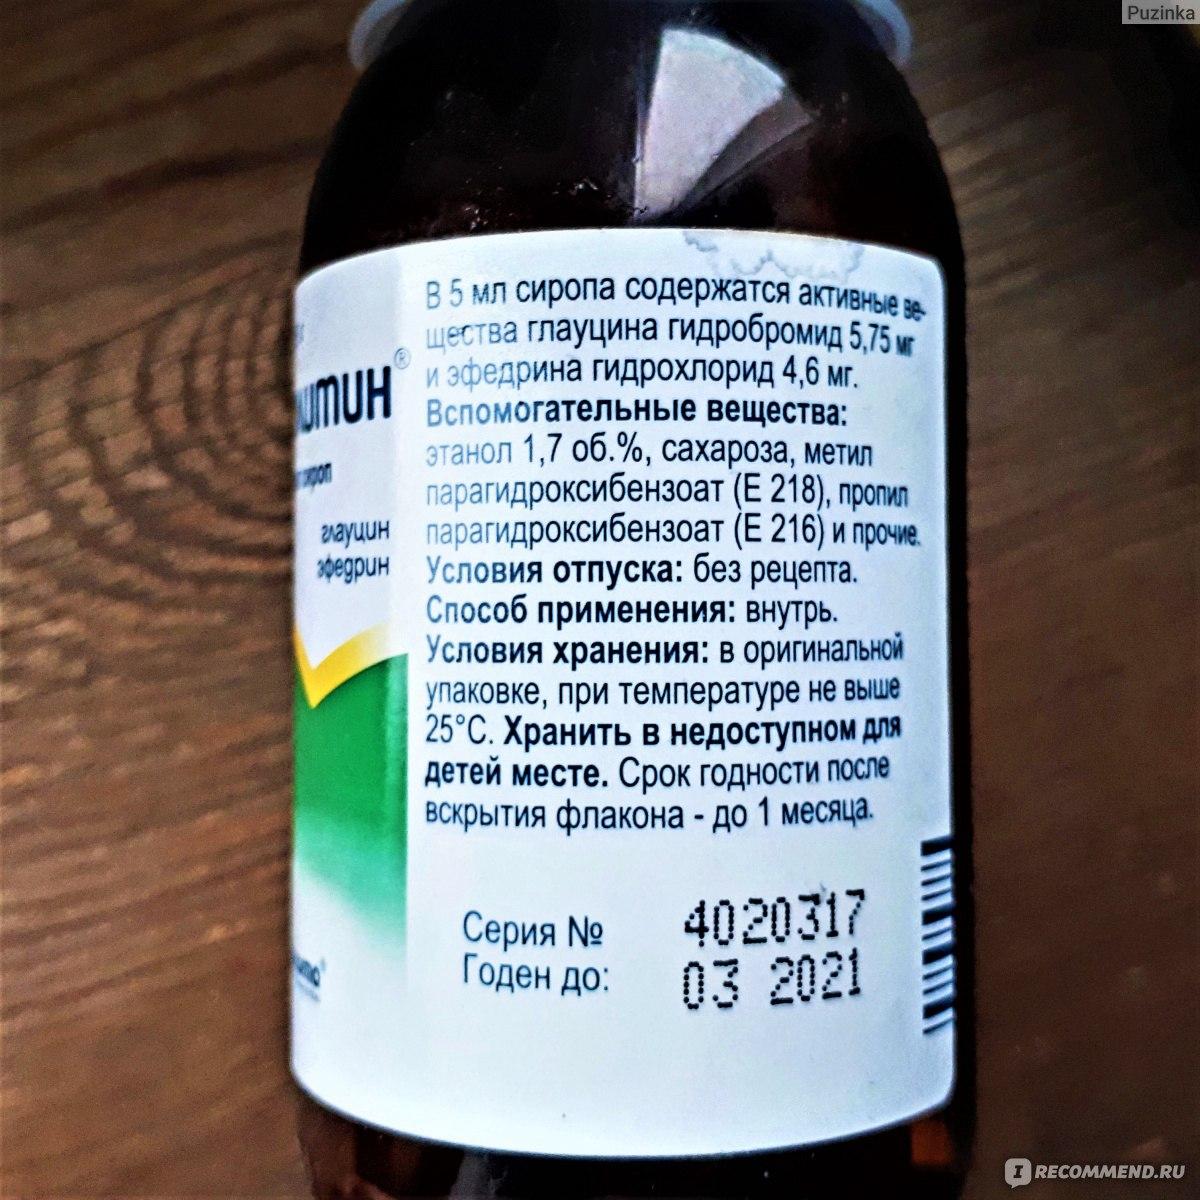 бронхолитин рецепт на латыни